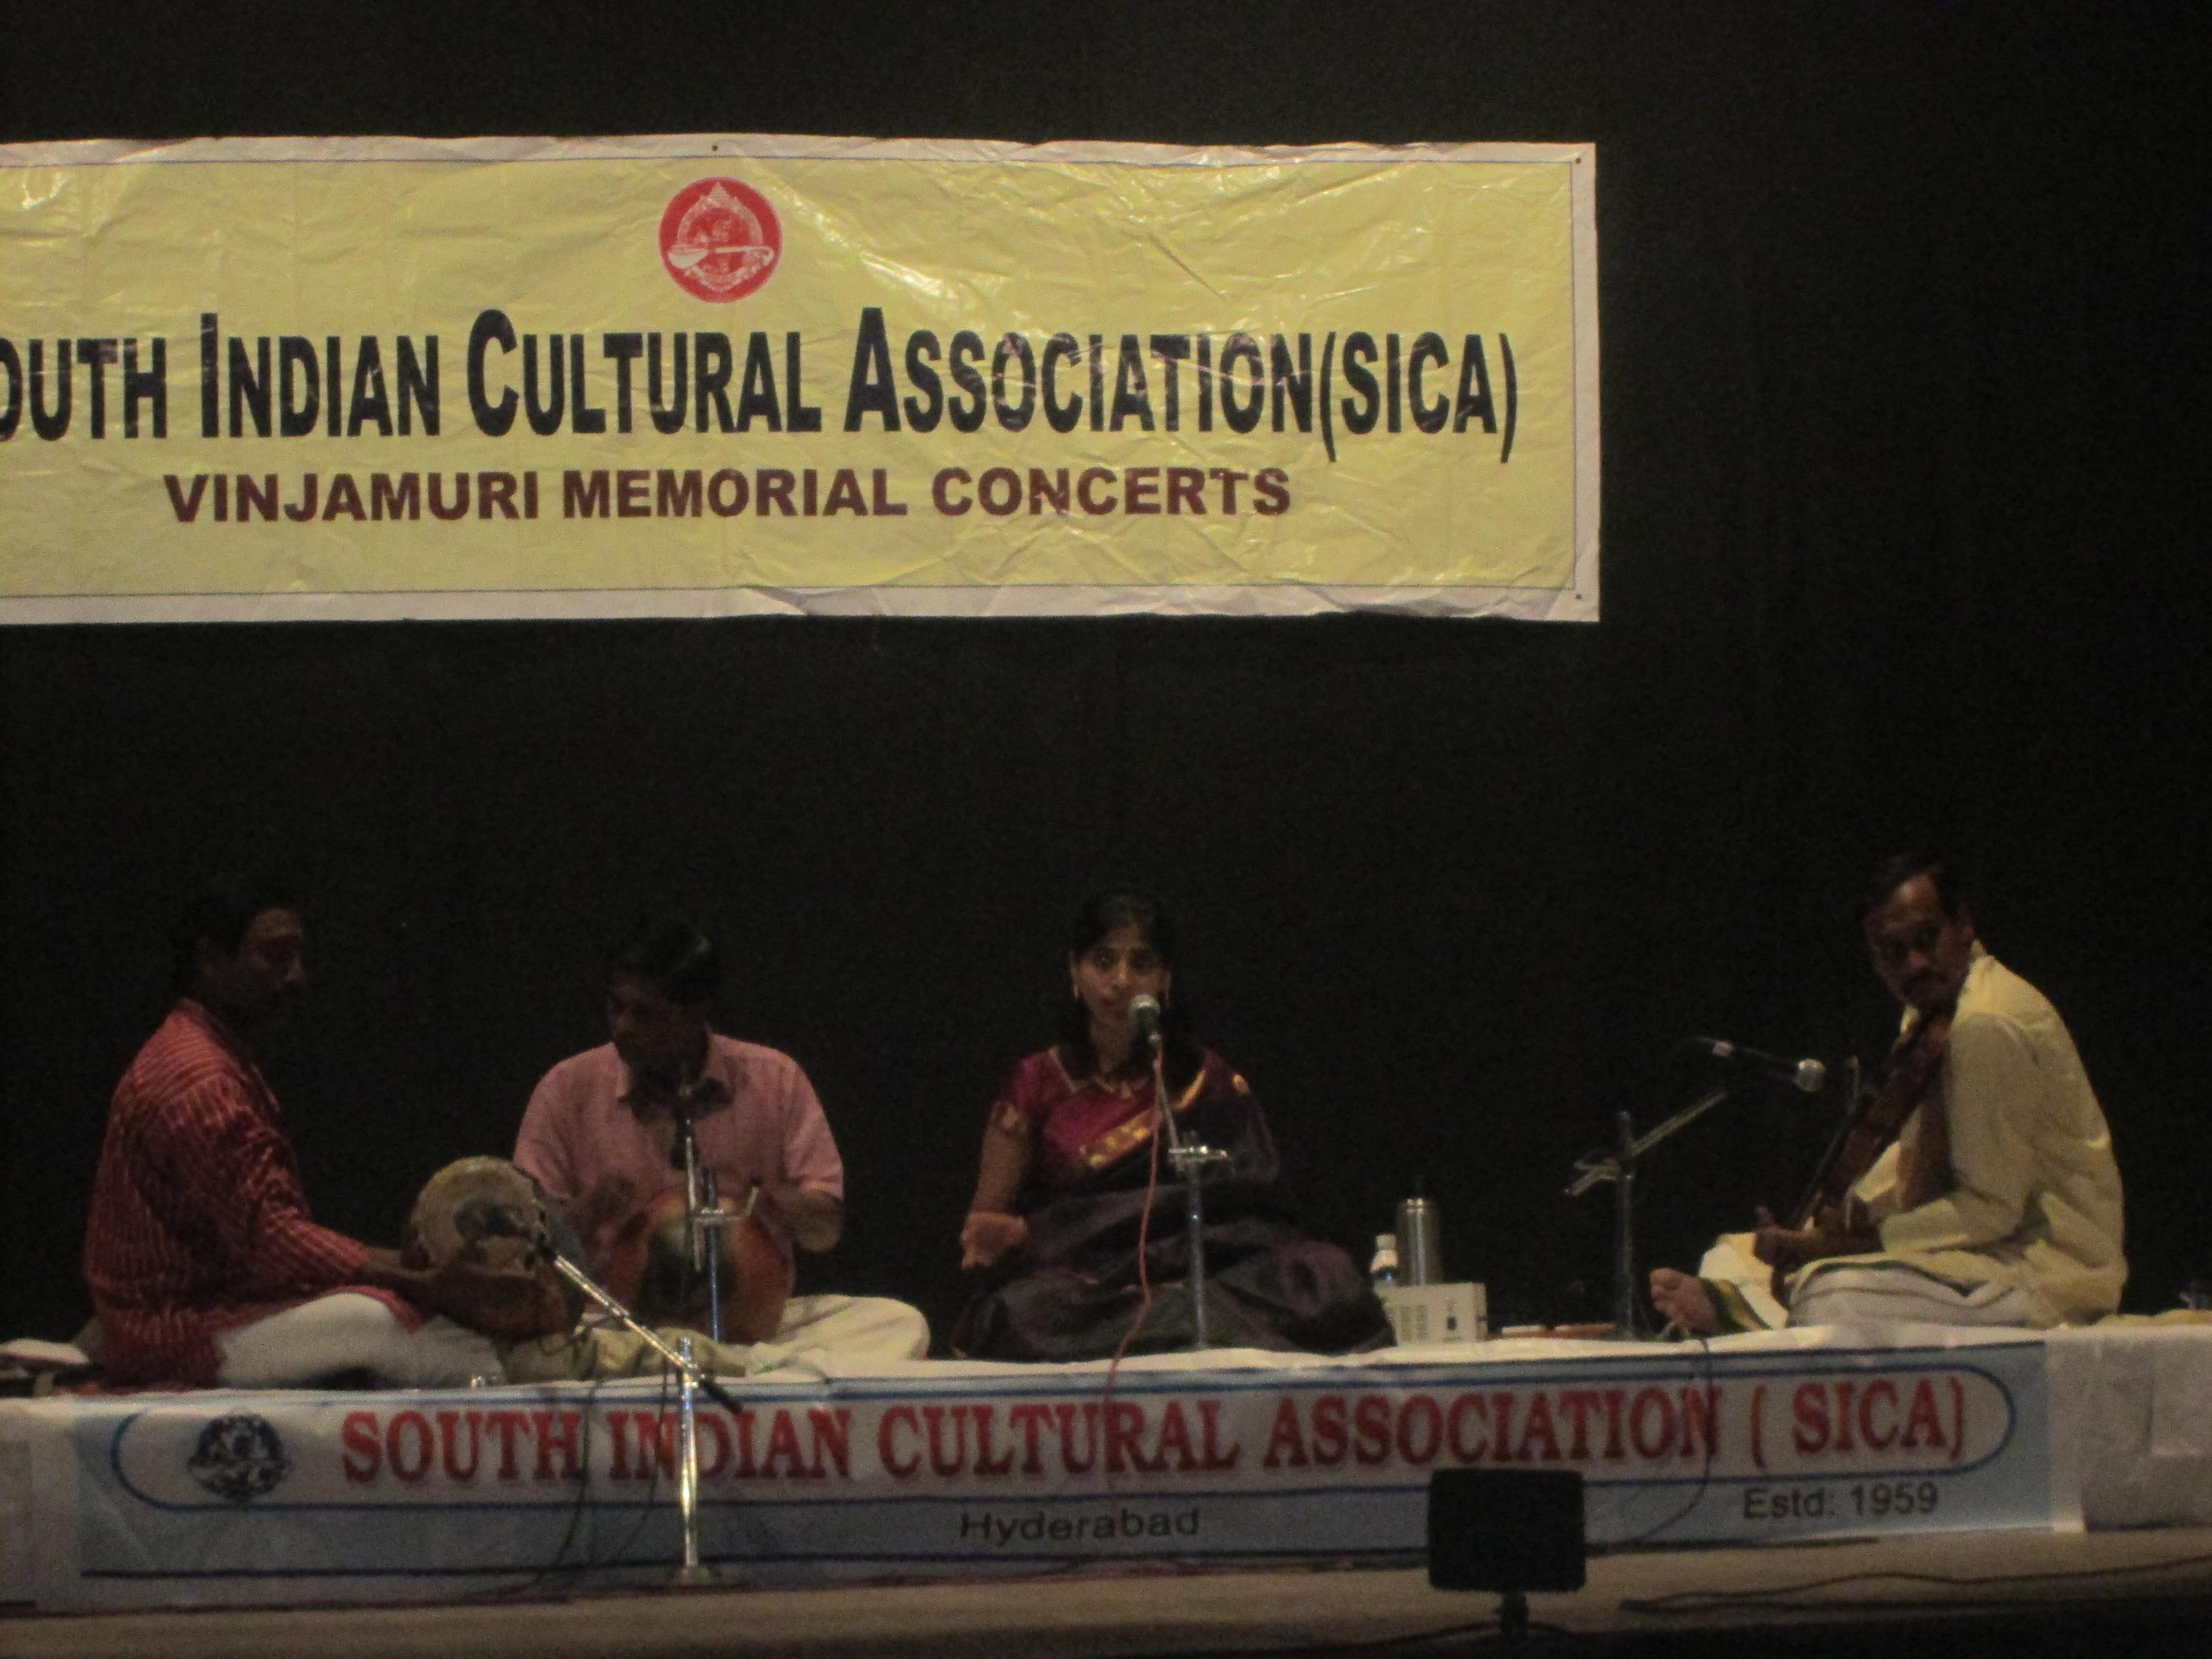 At SICA, Hyderabad